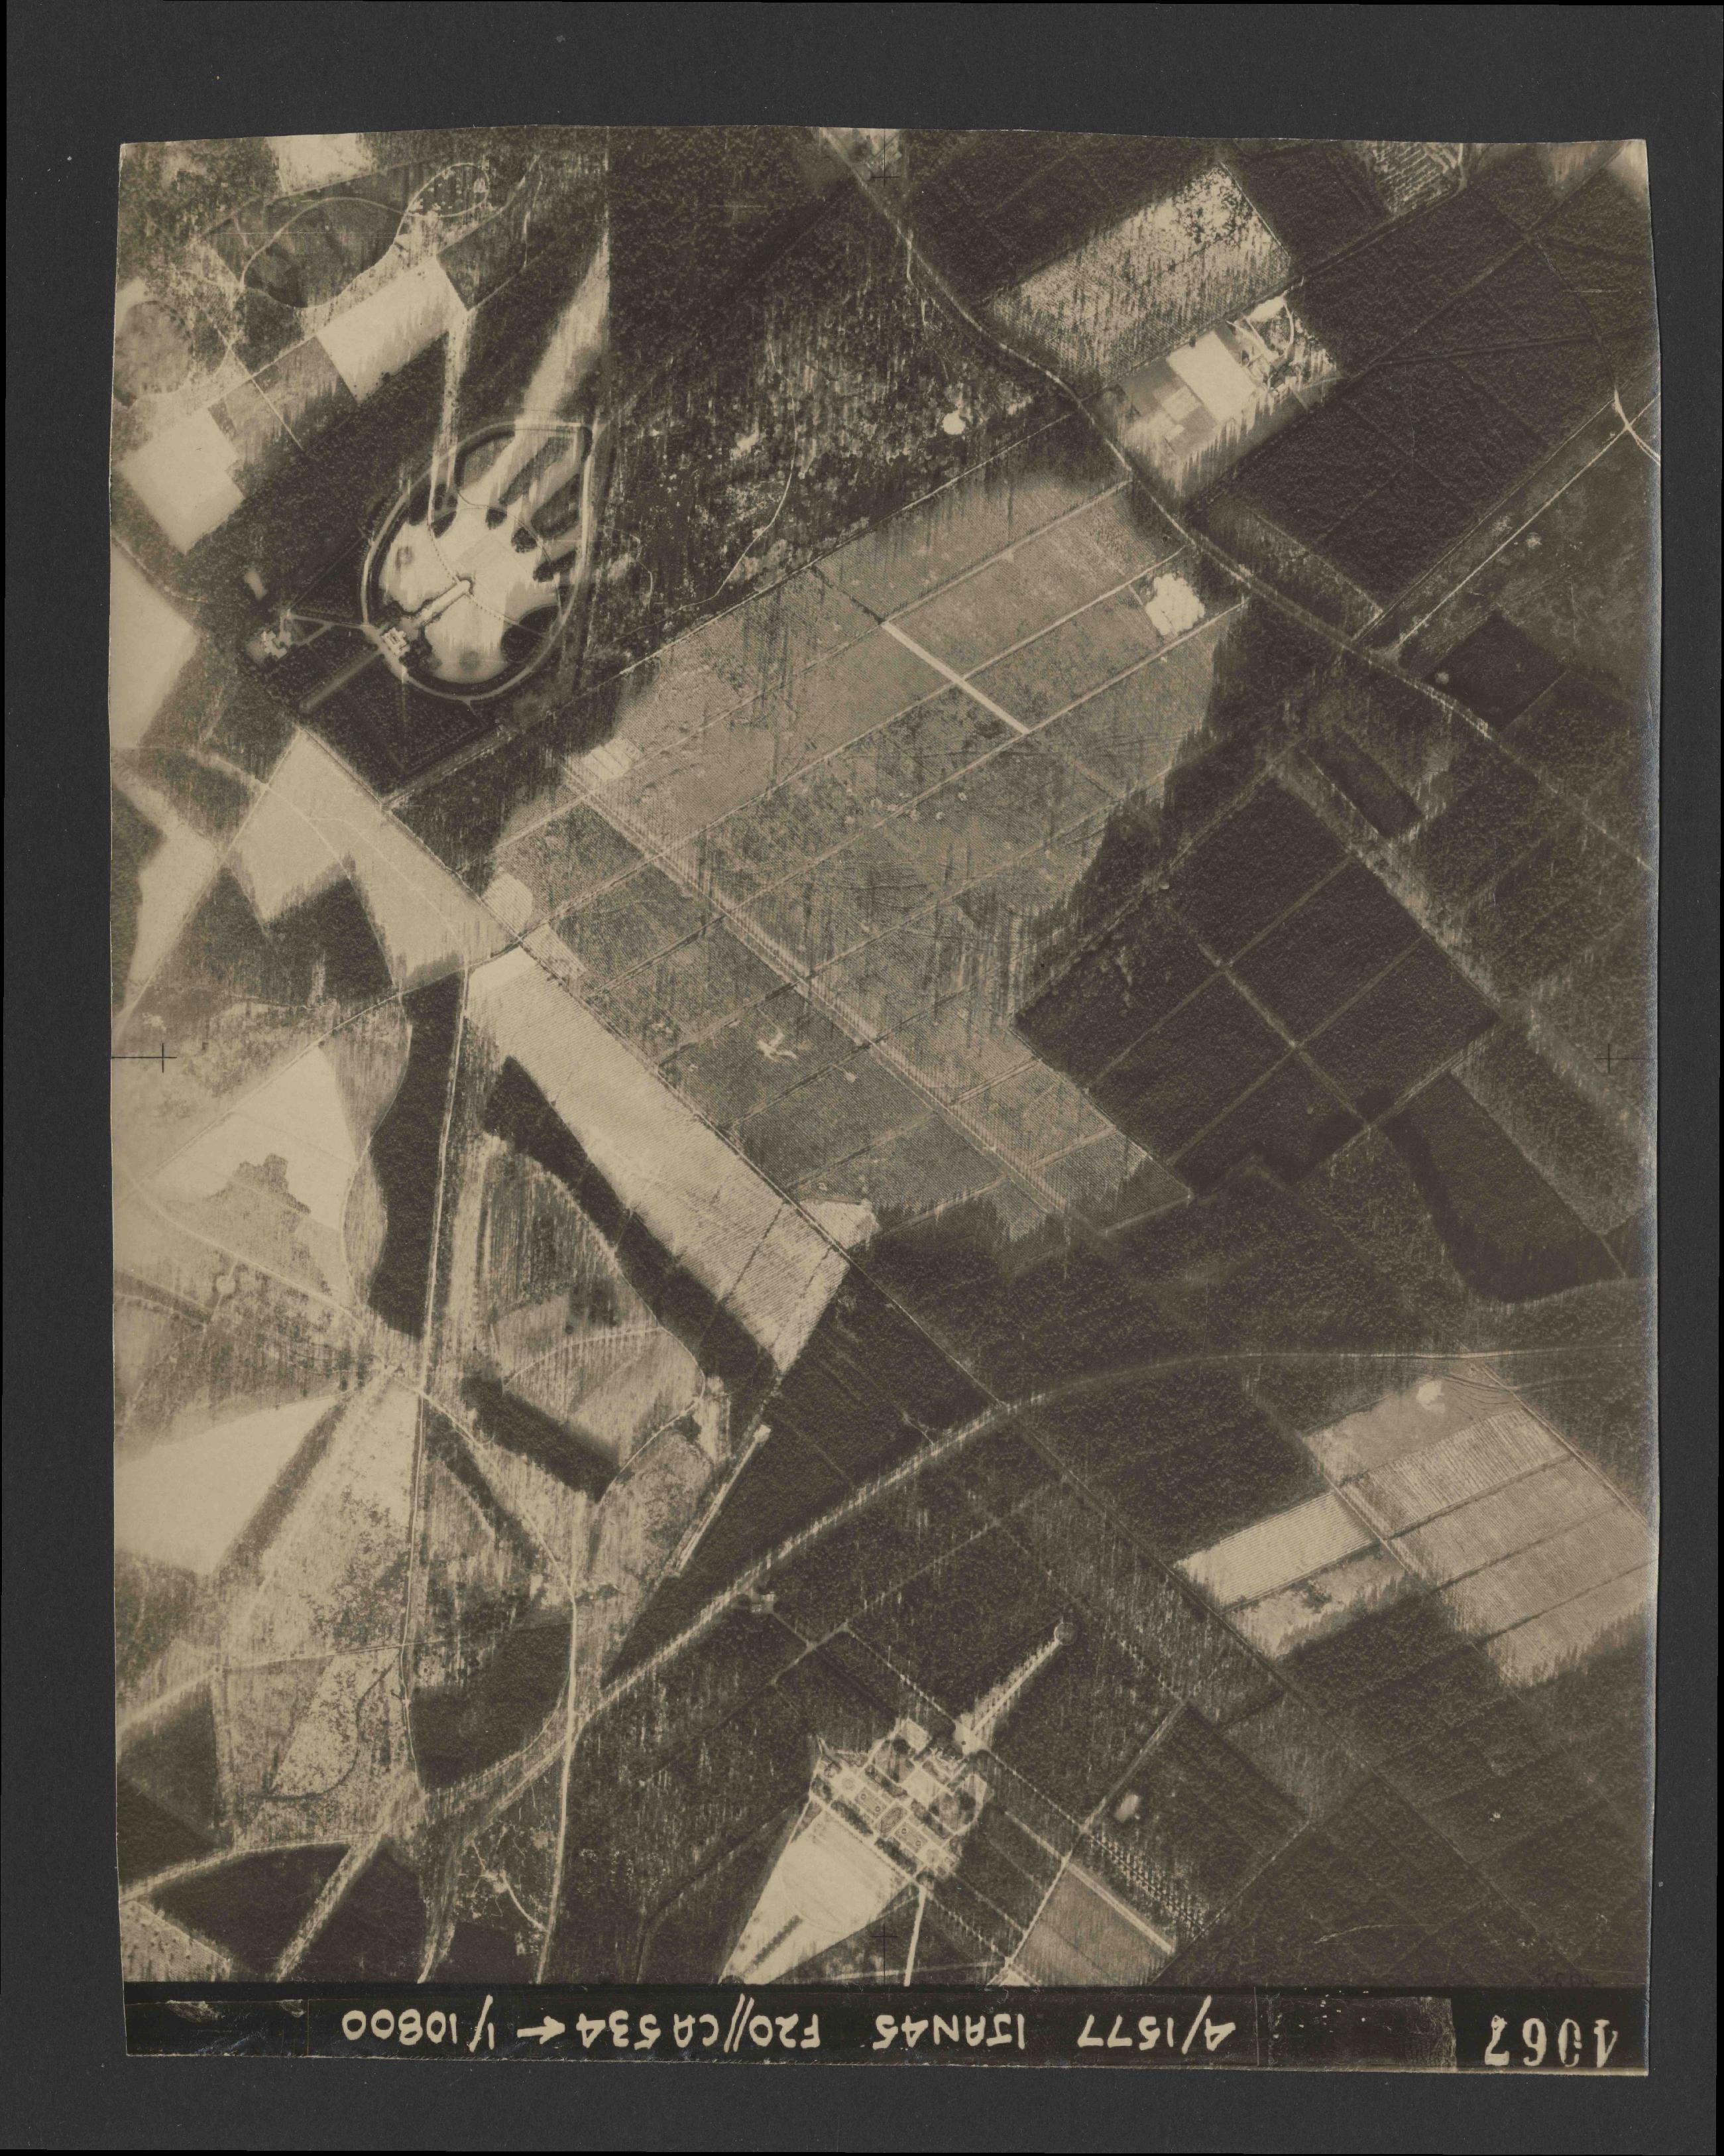 Collection RAF aerial photos 1940-1945 - flight 105, run 06, photo 4067